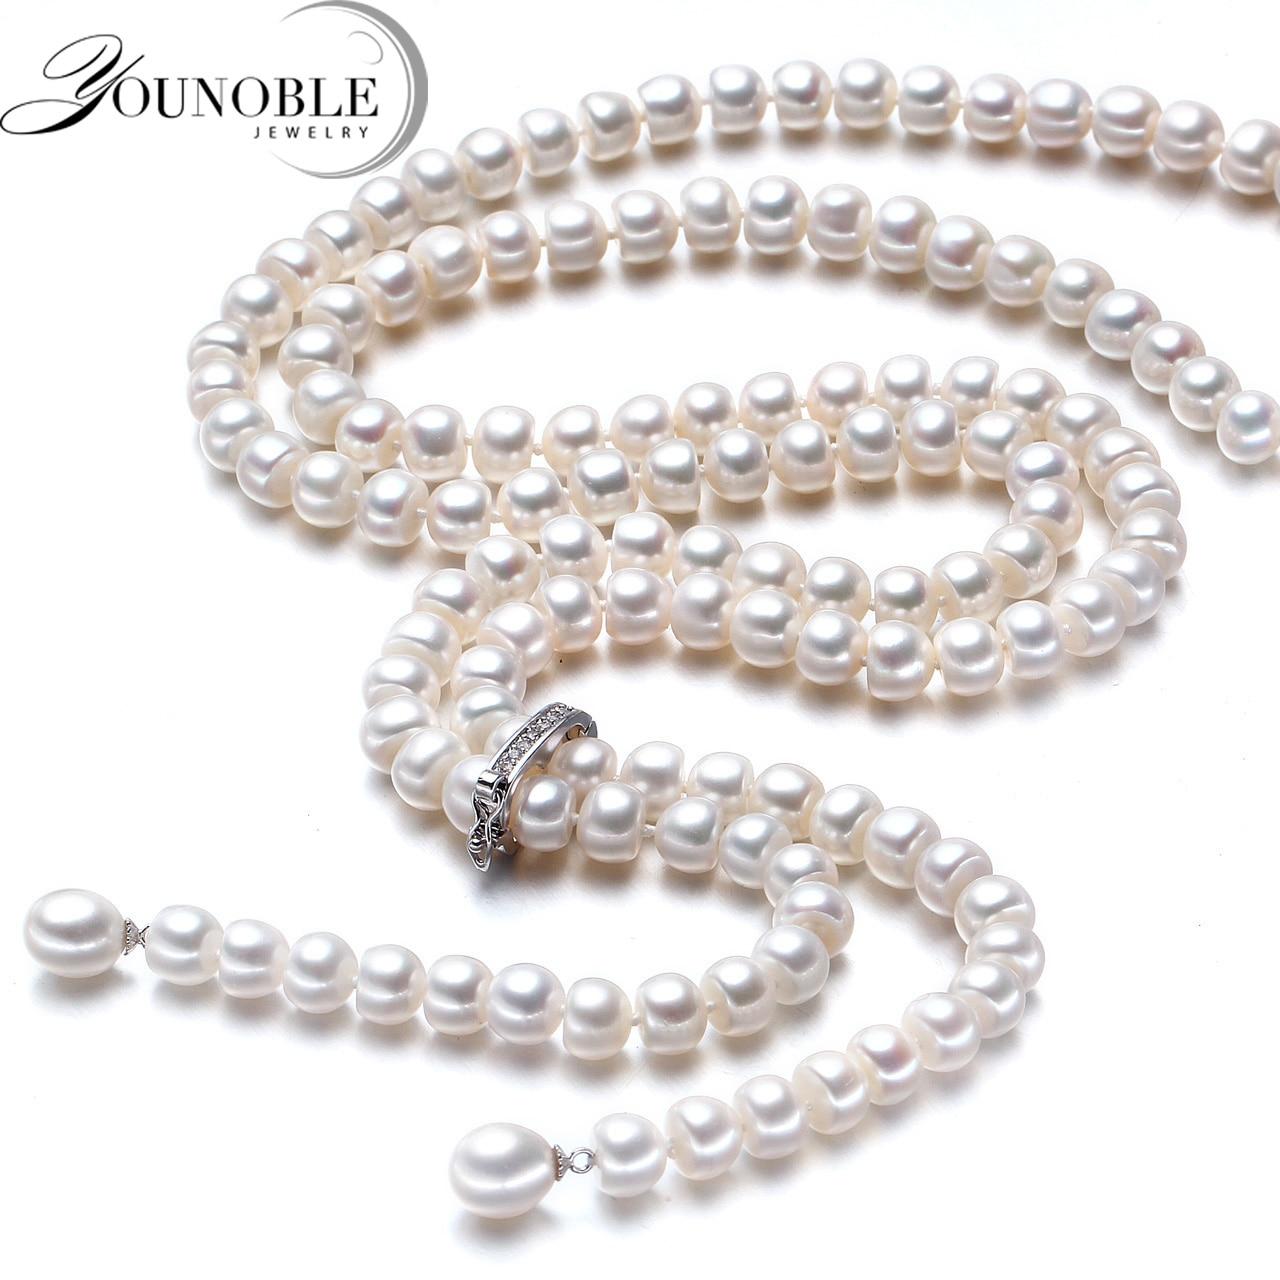 900mm Quaste Mode Lange Perlenkette Natürliche Süßwasser Perle 925 Sterling Silber Schmuck Für Frauen Aussage Halskette Geschenk